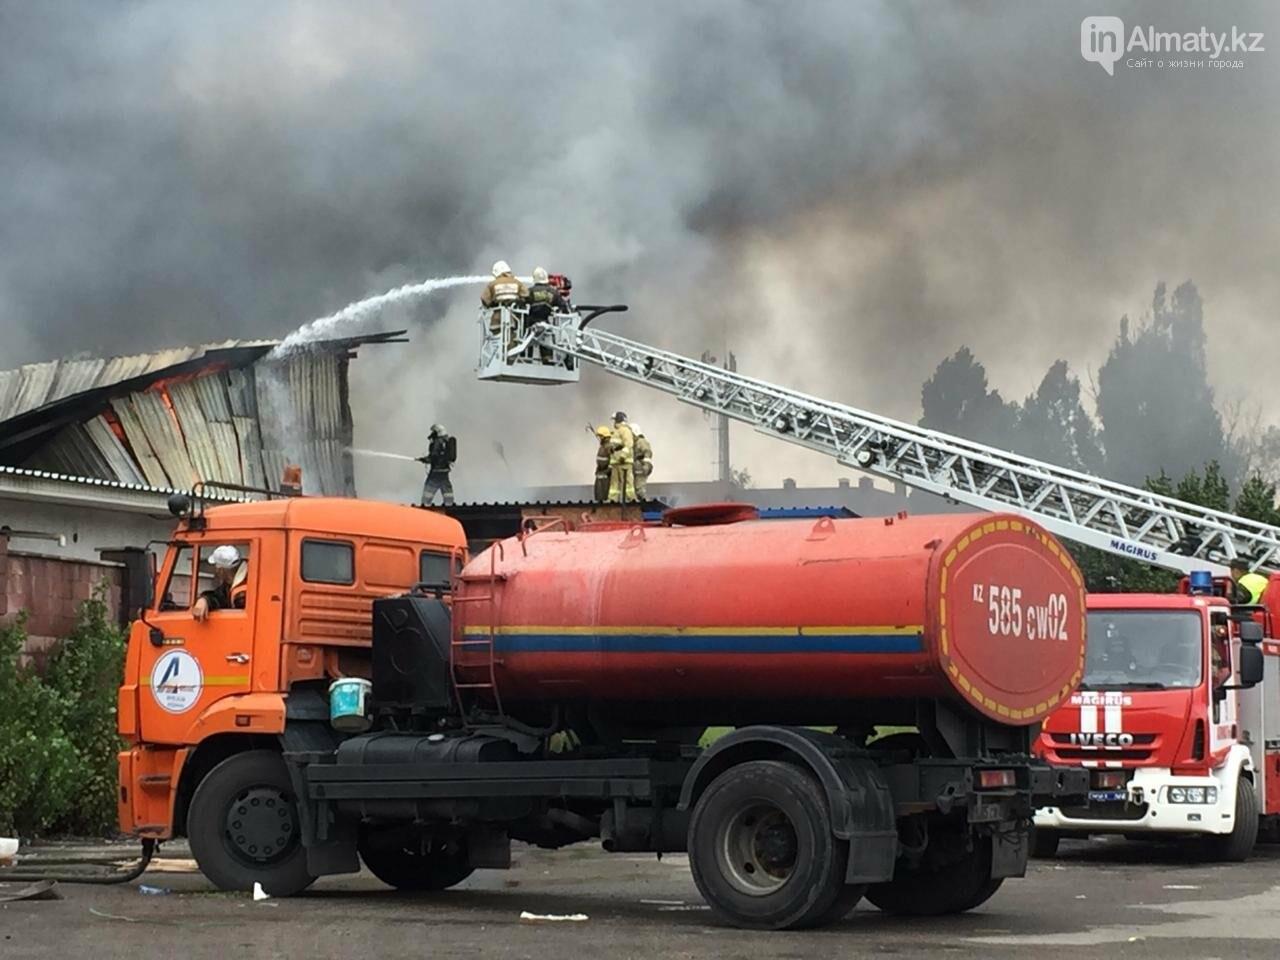 Пожар на складе рынка в Алматы: вертолеты направили на тушение, фото-4